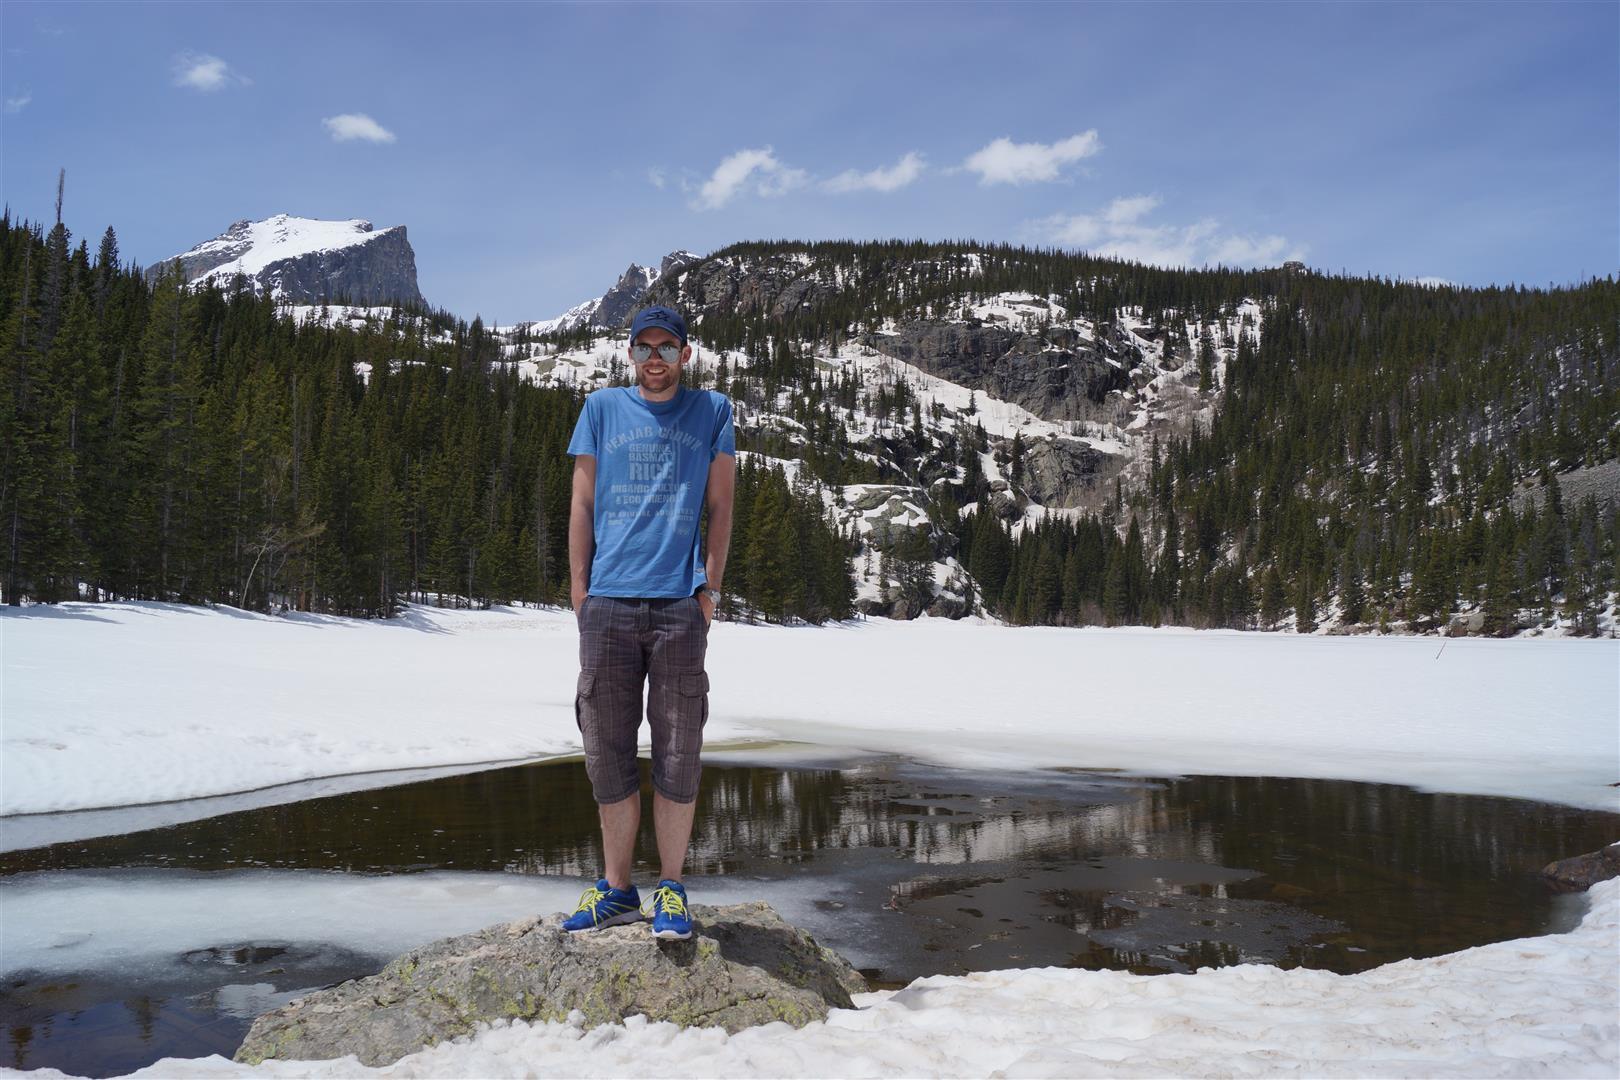 Und am gefrorenen Bear Lake war's auch gar nicht kalt!